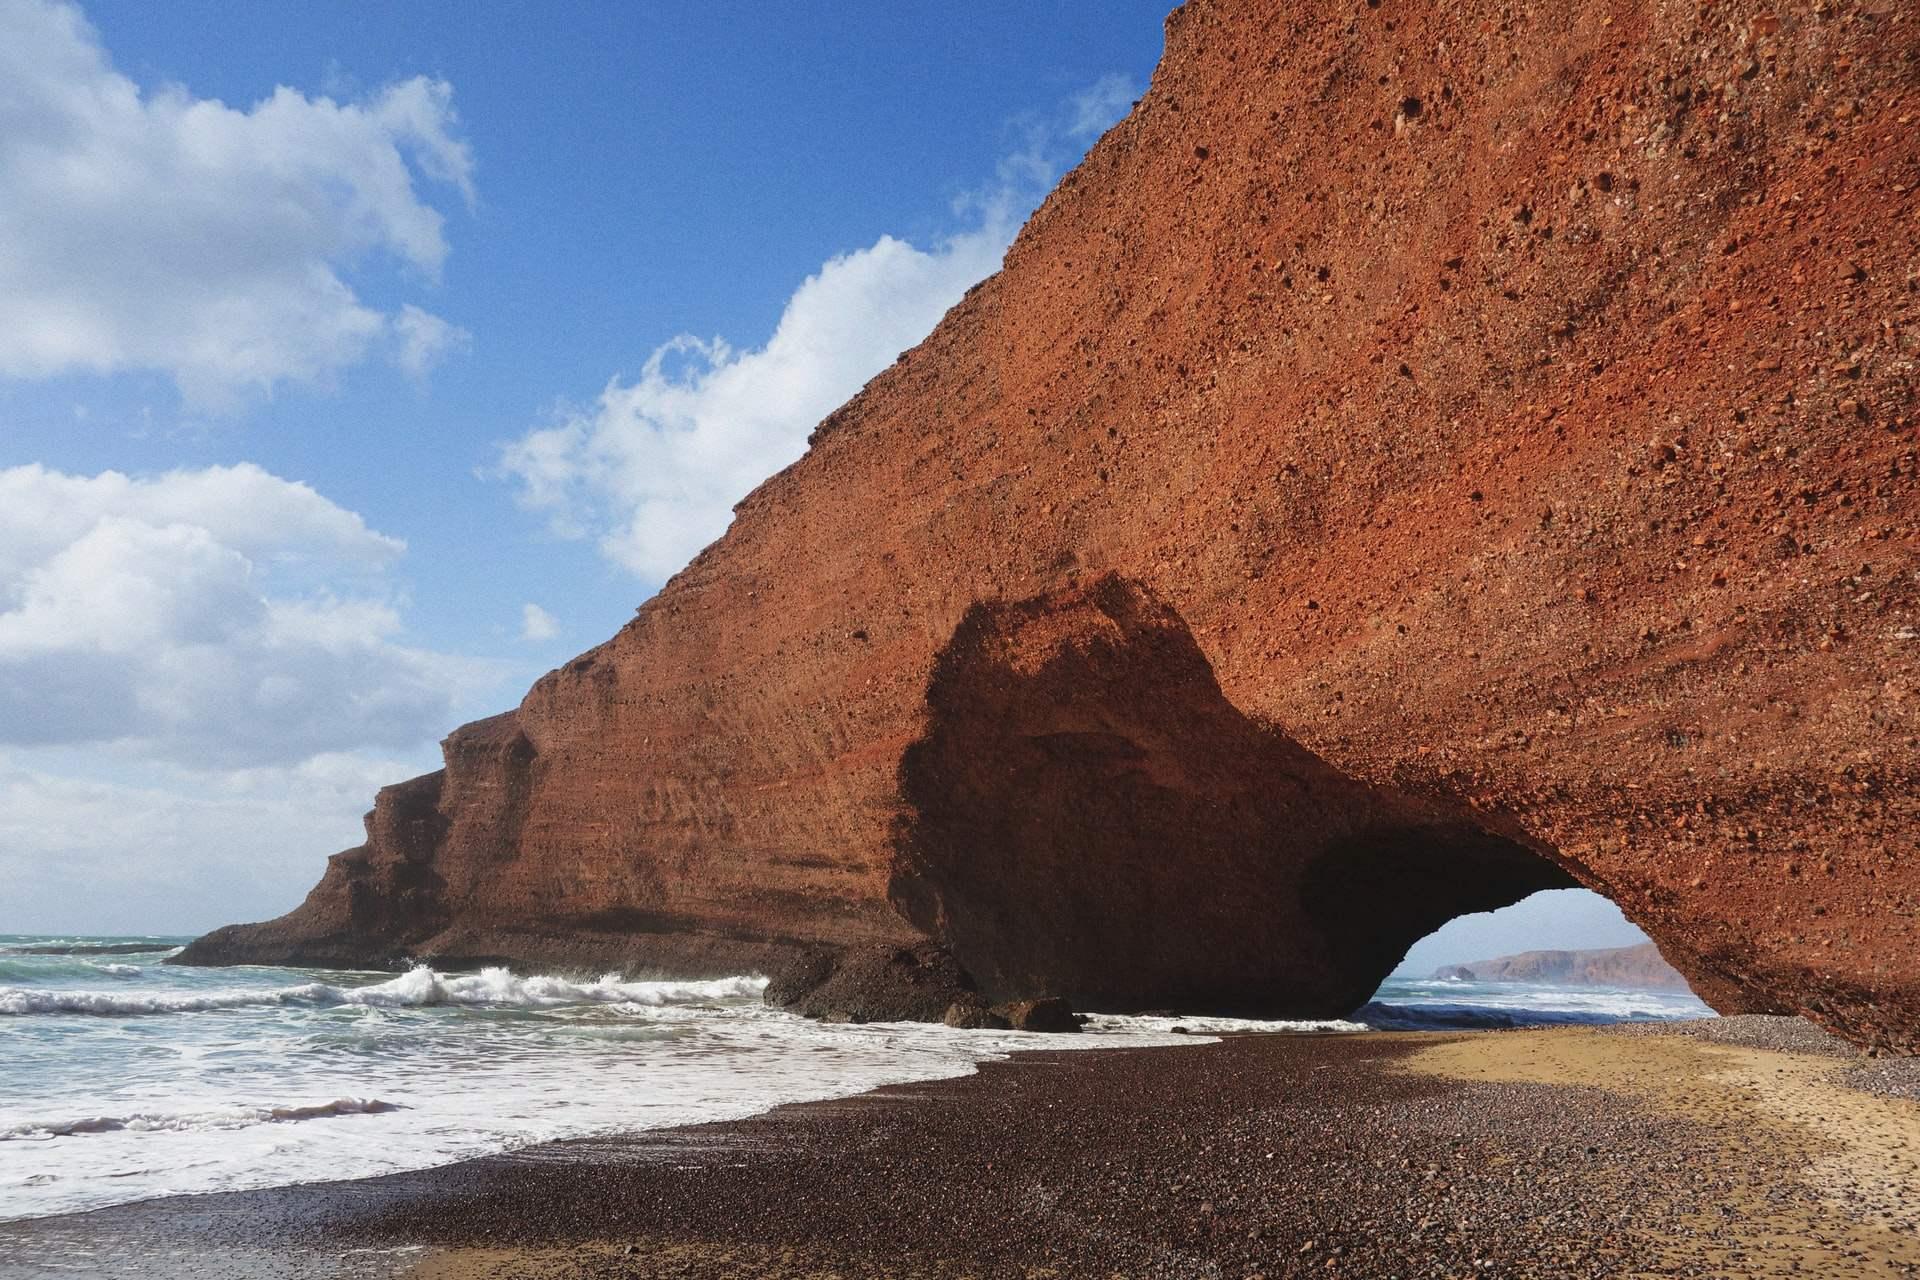 The beach of Legzira